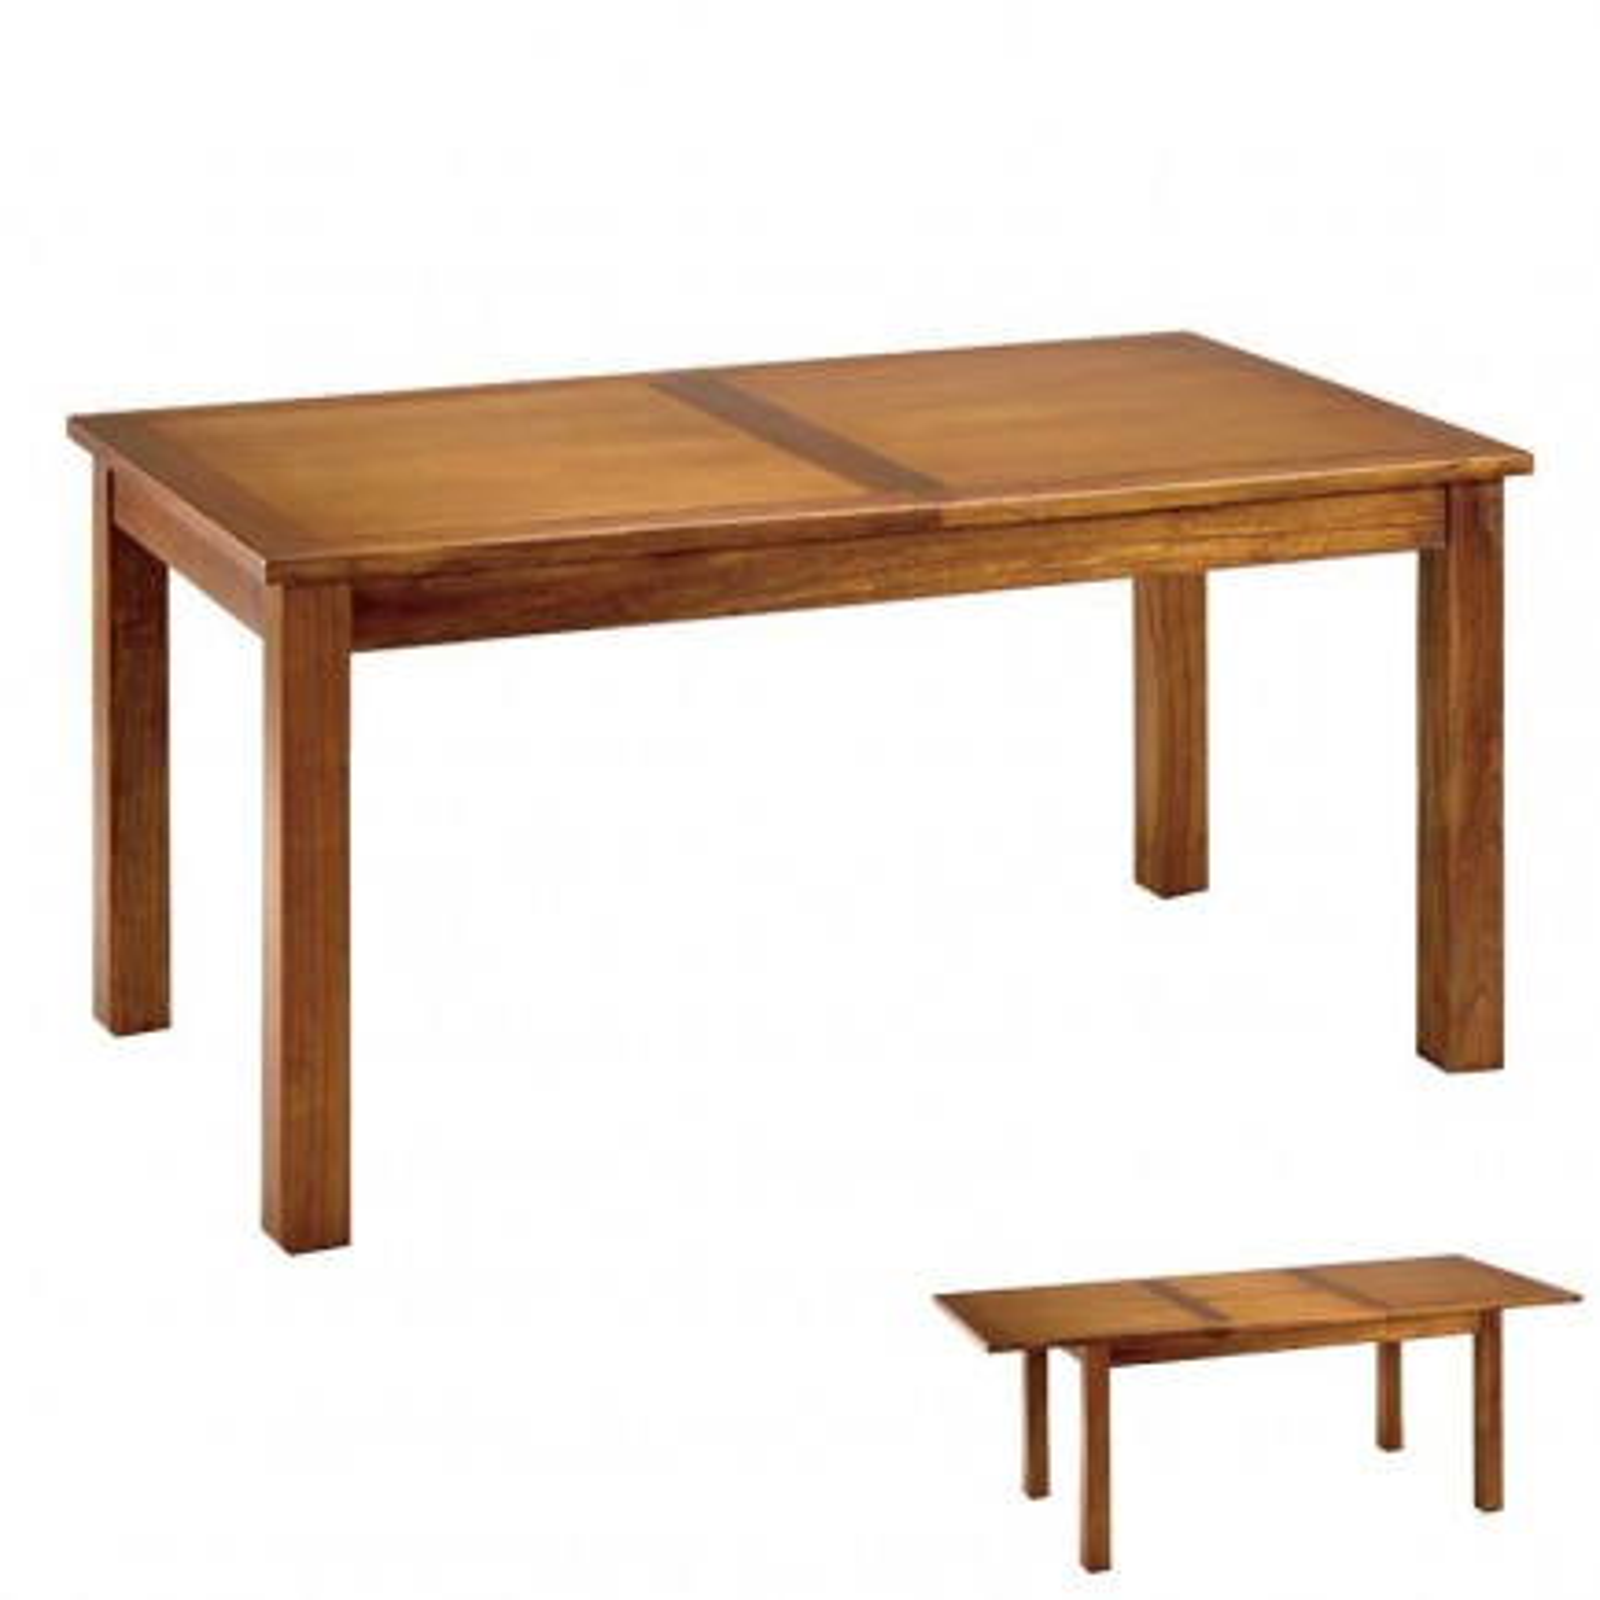 Table de salle rallonge Rétro Mindi Massif - meuble style rétro